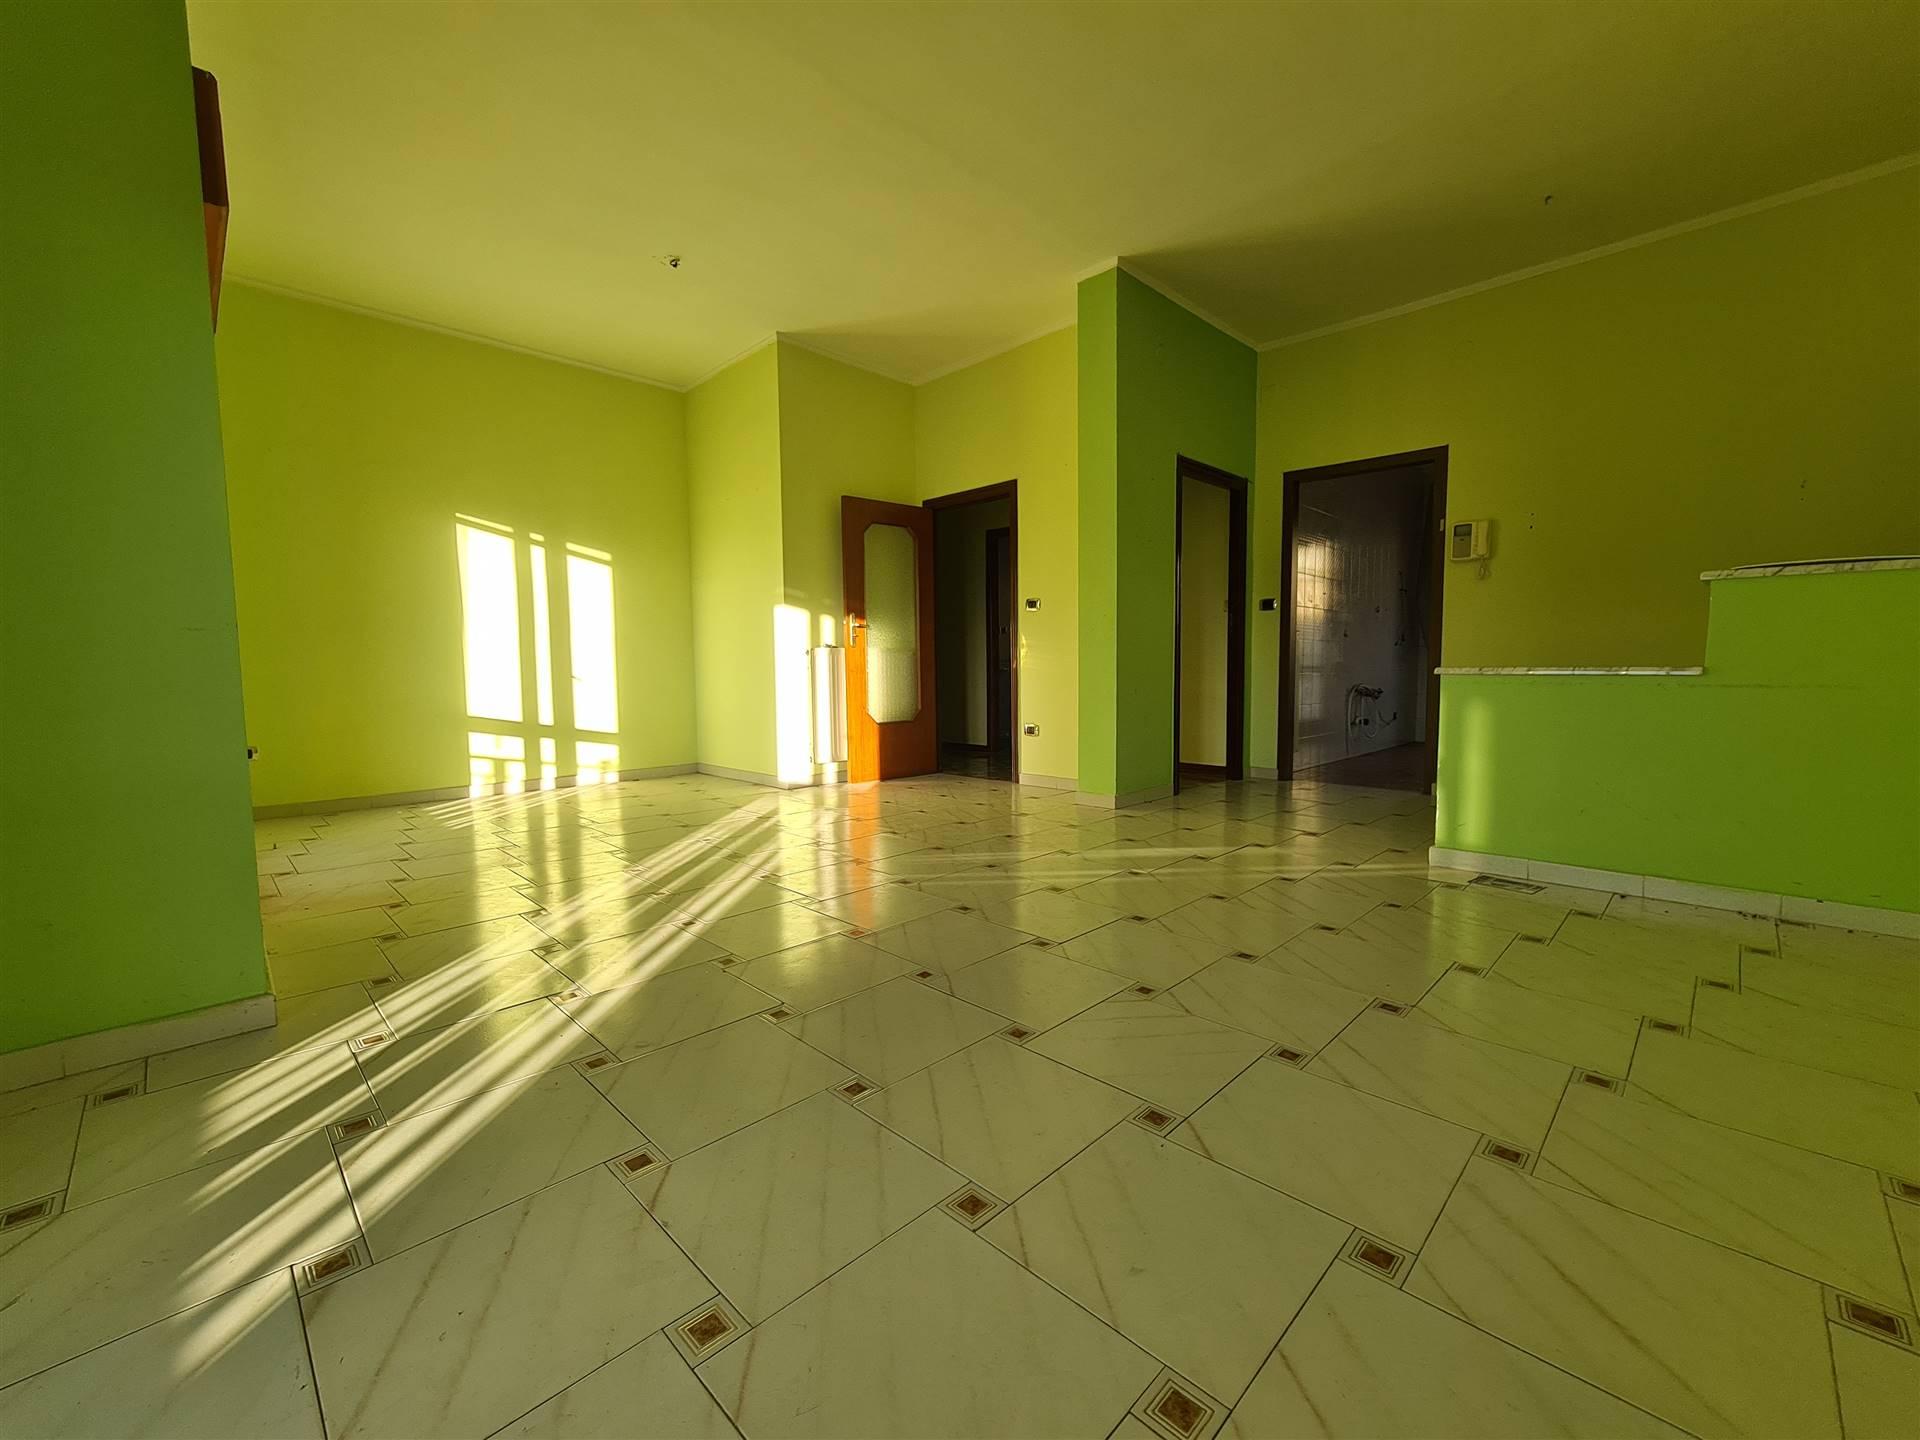 AVC280-Appartamento-SAN-NICOLA-LA-STRADA-Via-Leonardo-da-Vinci